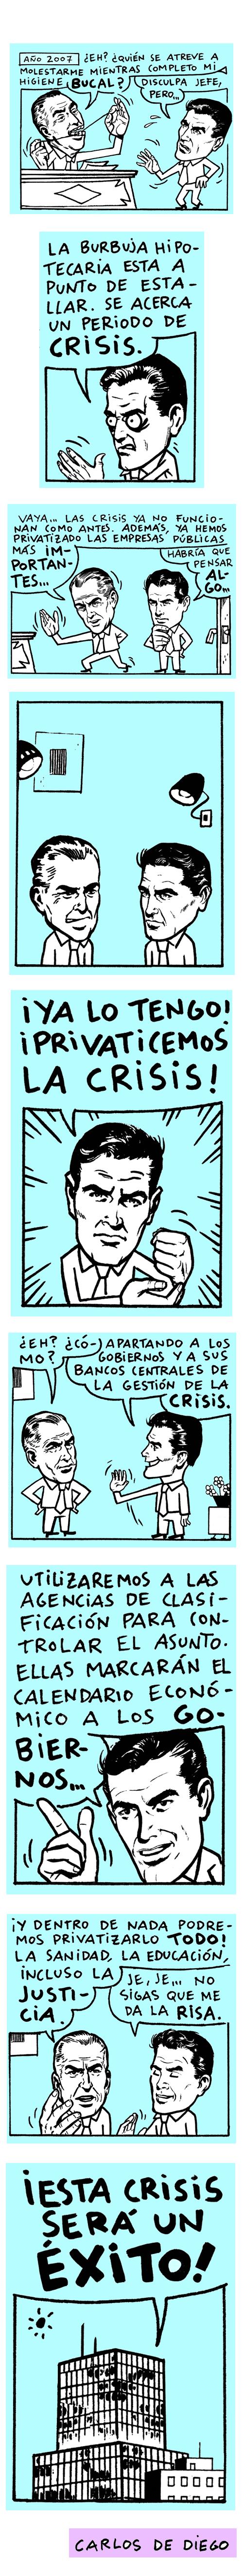 Carlos de Diego CRISIS